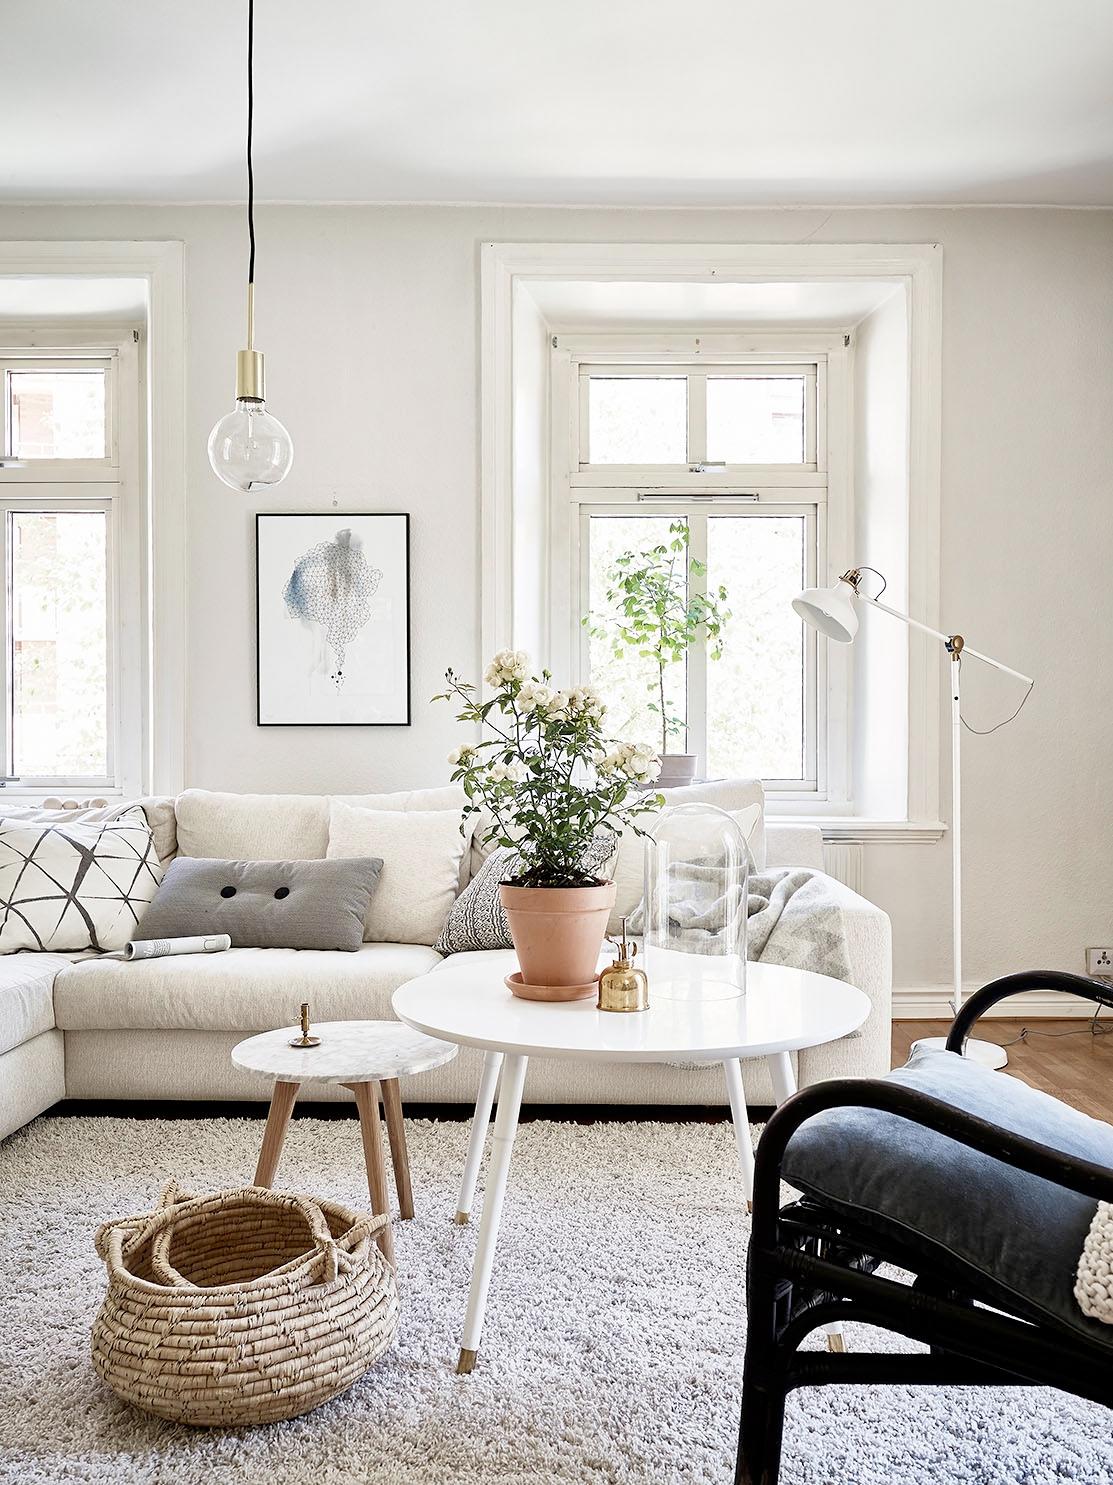 Binnenkijken: Zweeds appartement - Wonen, Maken & Leven